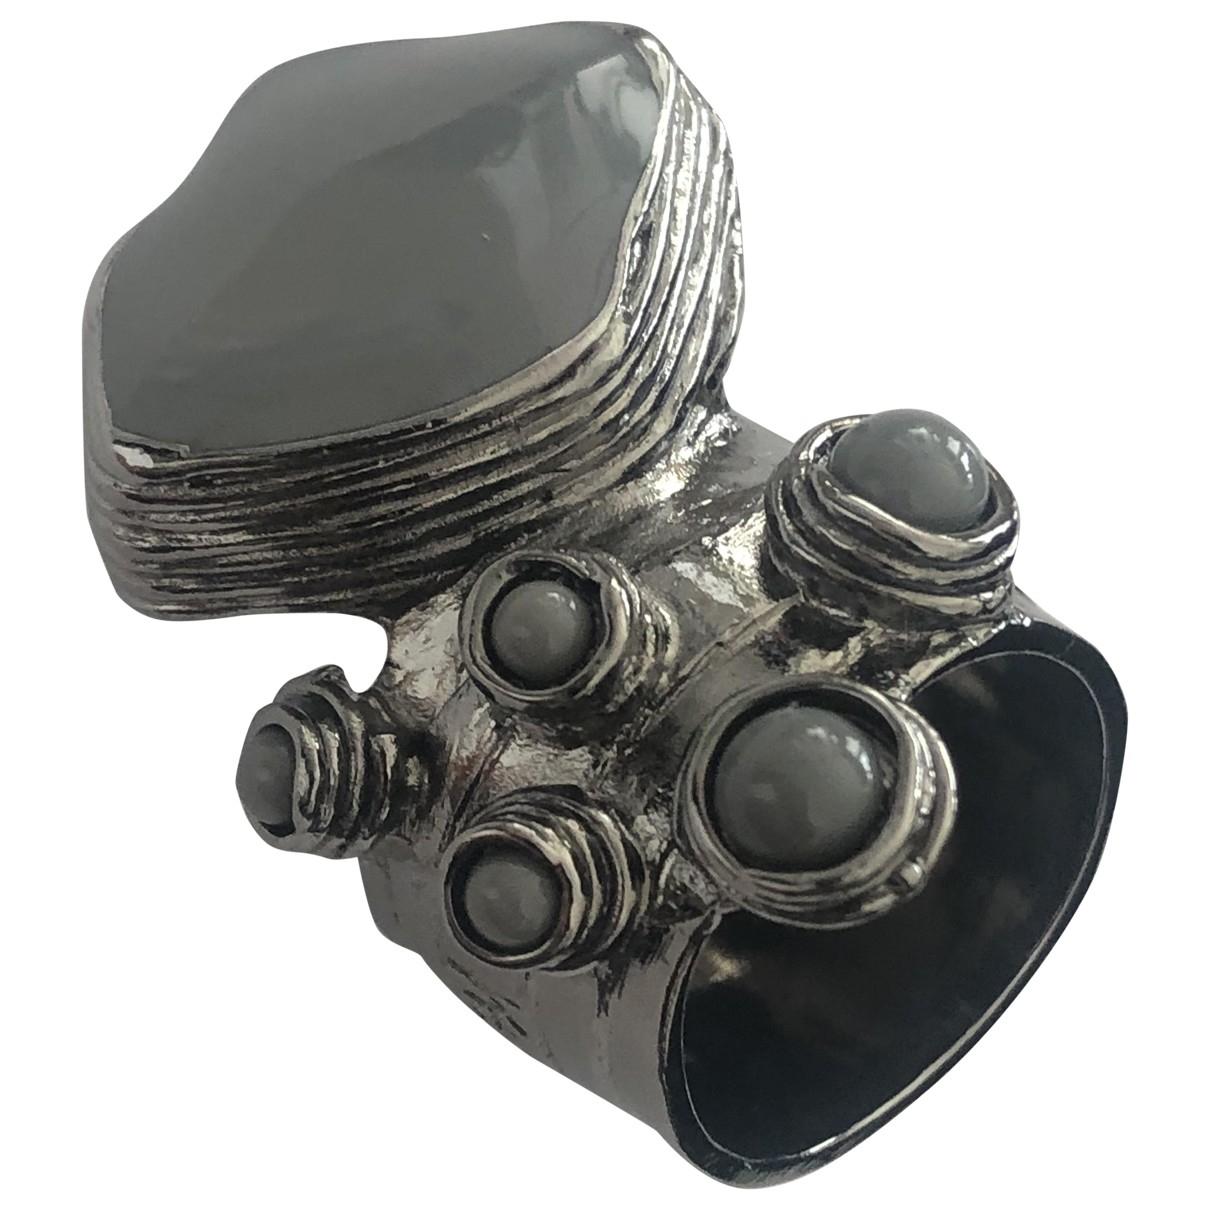 Yves Saint Laurent Arty Ring in  Grau Metall